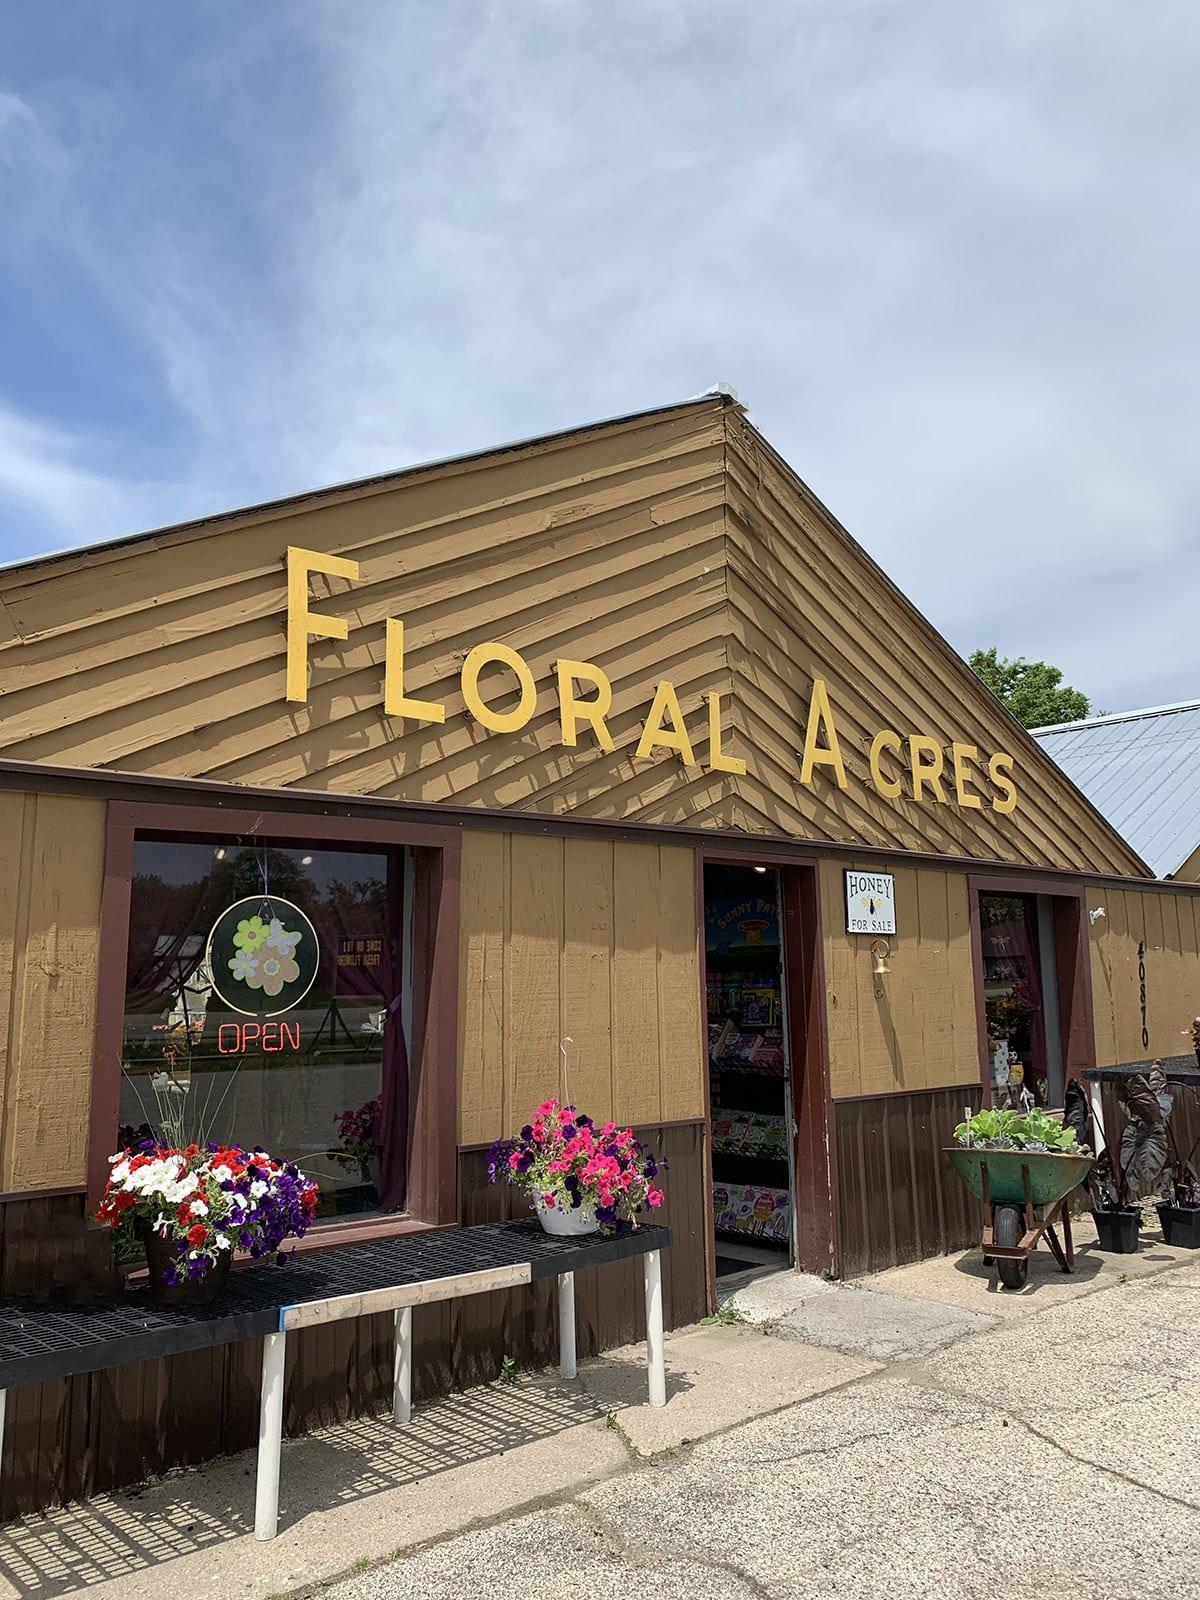 Floral Acres Florist & Greenhouse